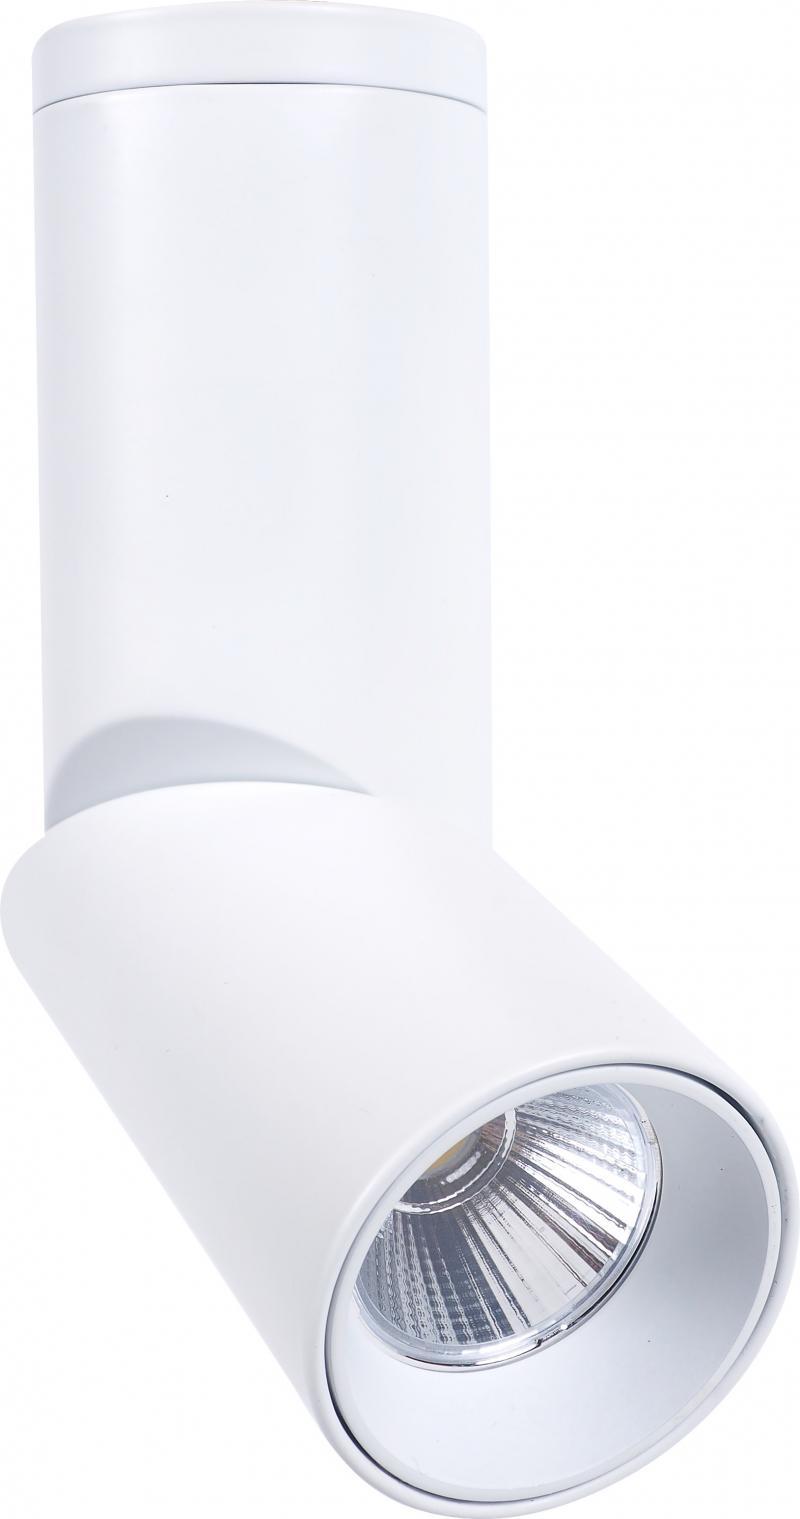 Спот-бра светодиодный Spot 05-CLL10W, 10 Вт, цвет белый